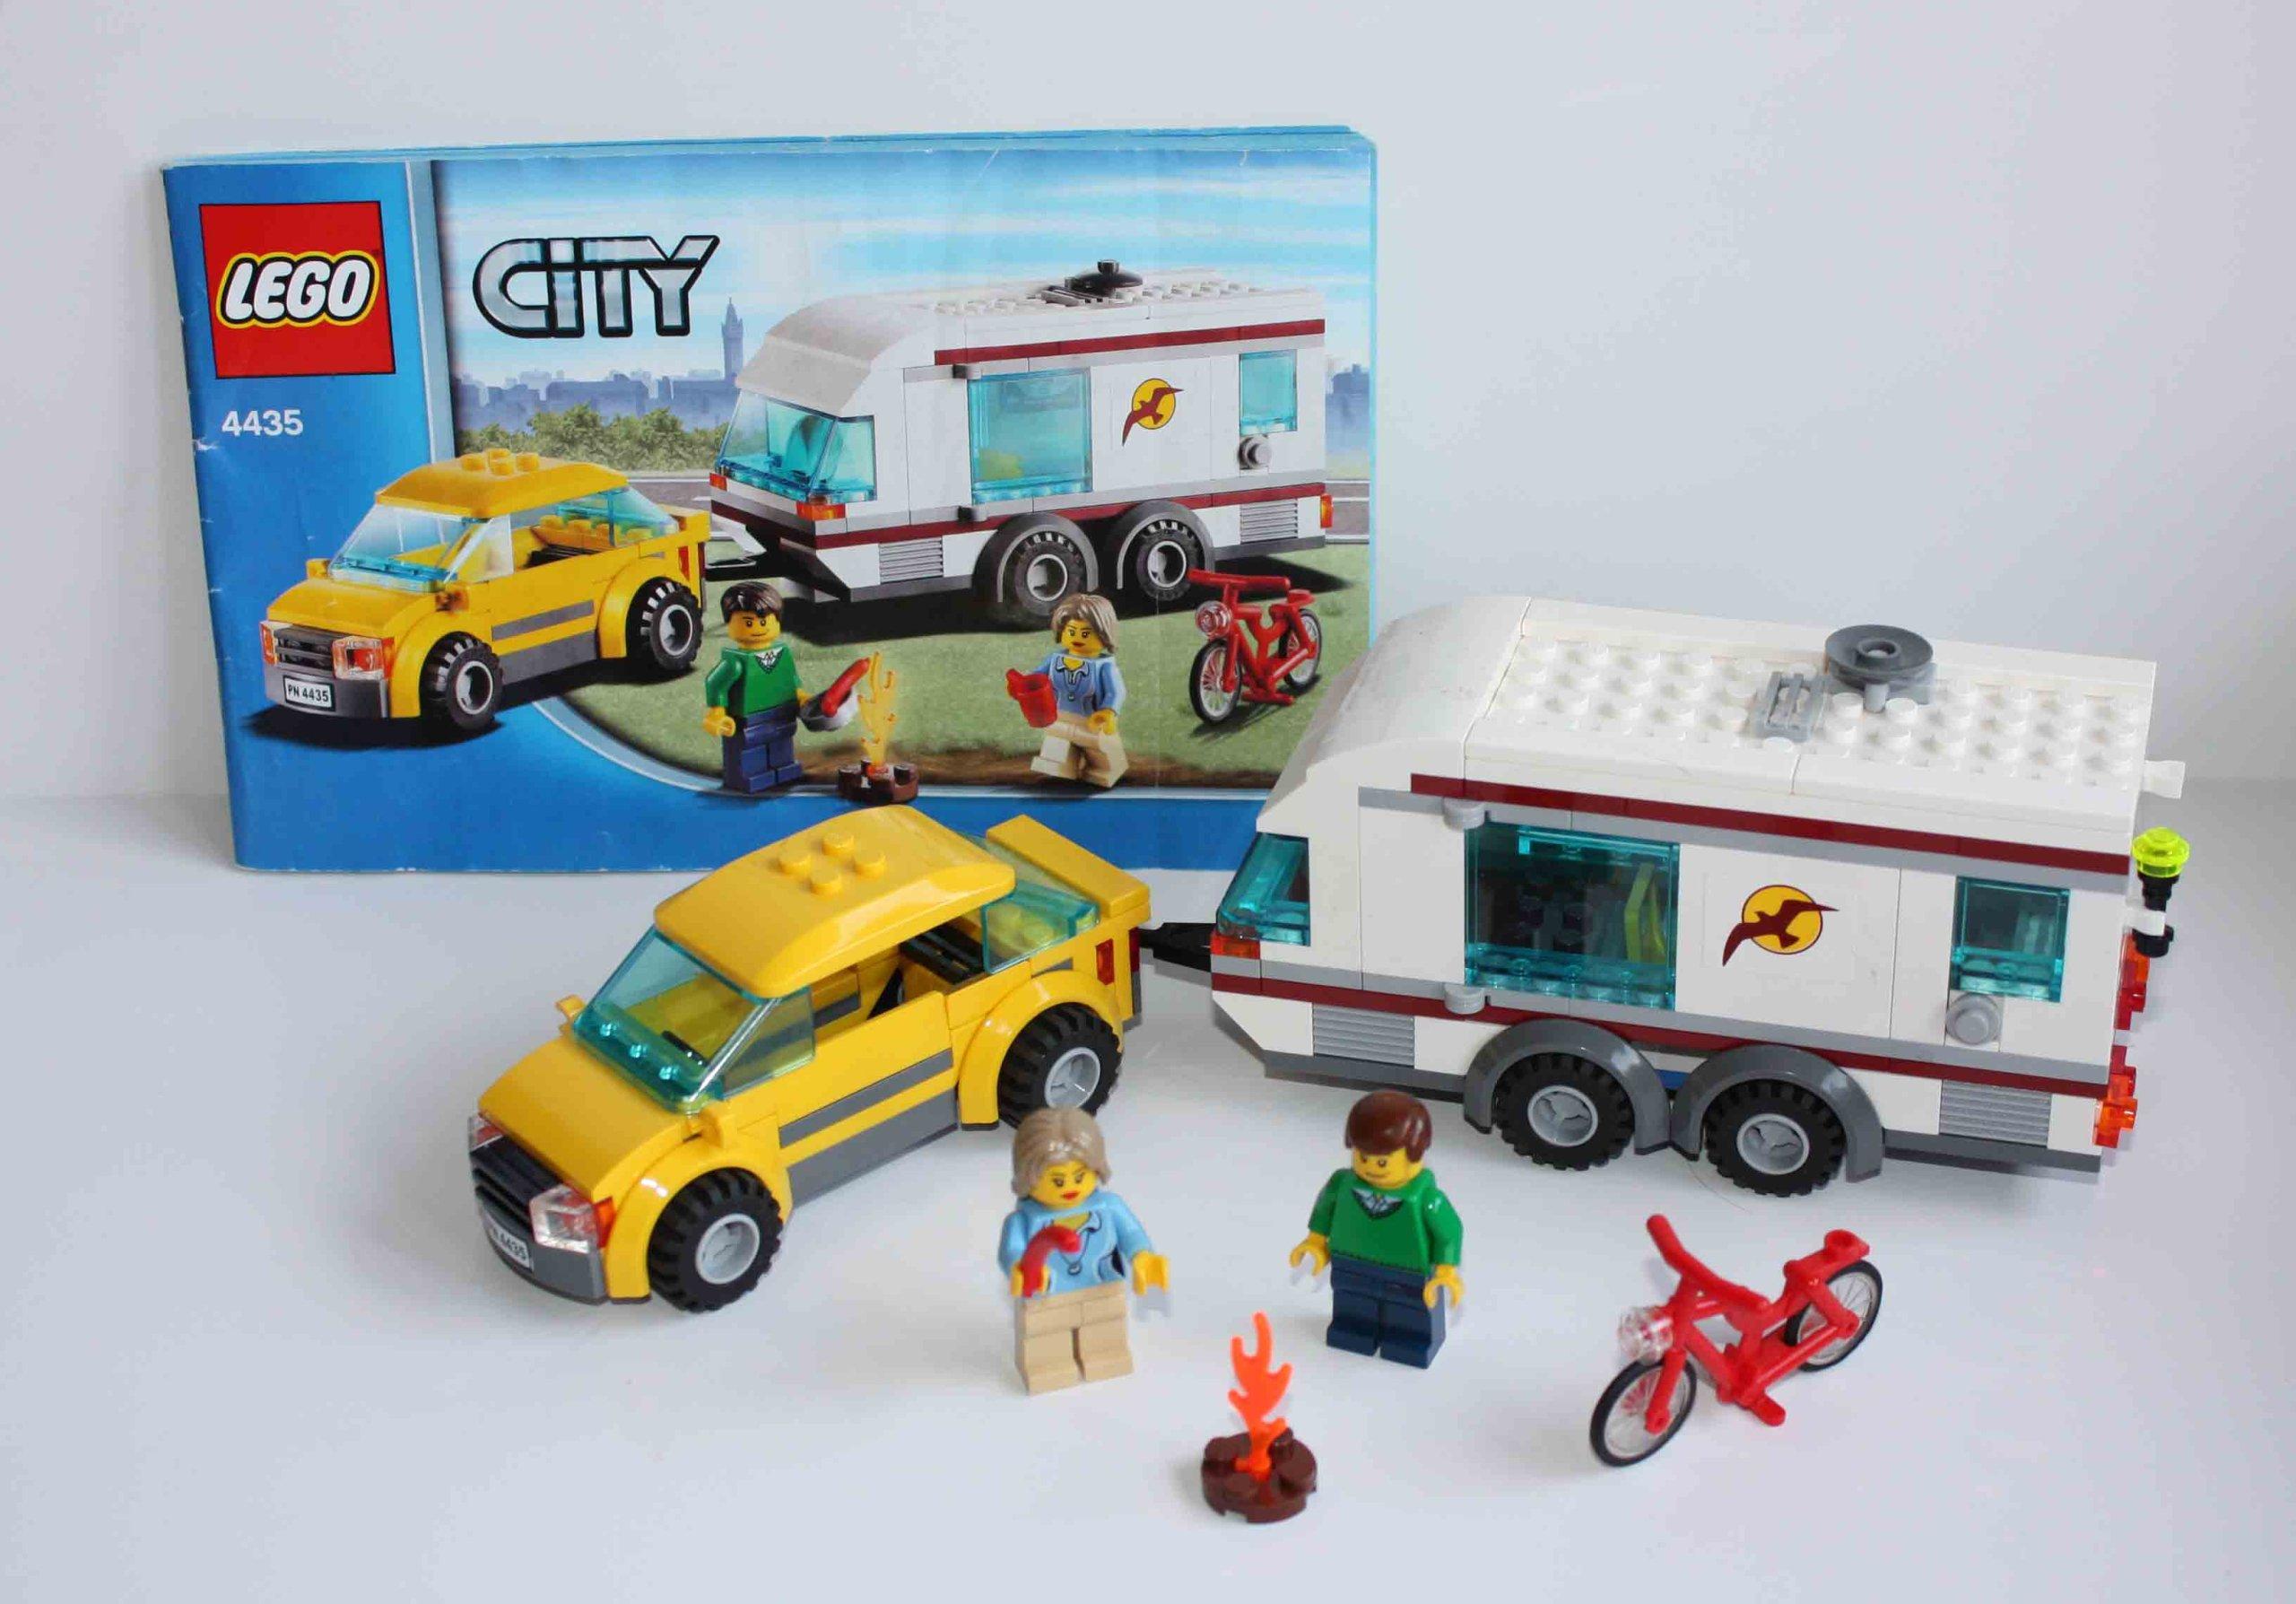 Lego City 4435 Samochód Z Przyczepą Kempingową 7169289056